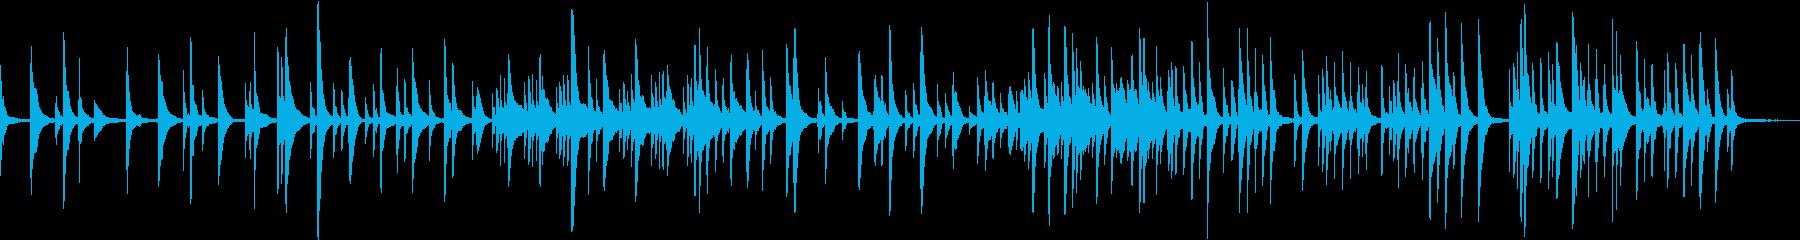 洋楽ピアノ 感動映像 CM ヒーリングの再生済みの波形